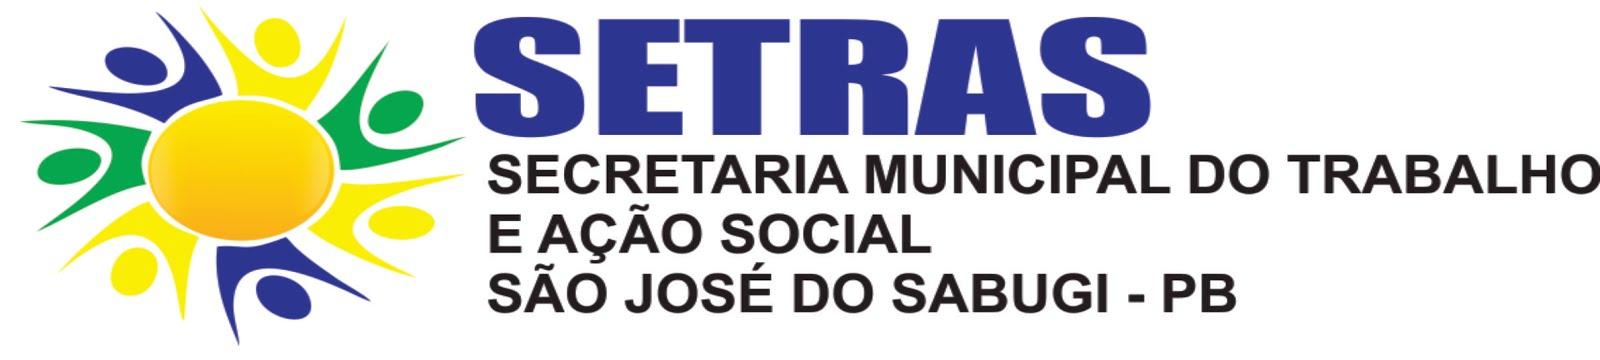 Secretaria Municipal do Trabalho e Ação Social de São José do Sabugi - PB